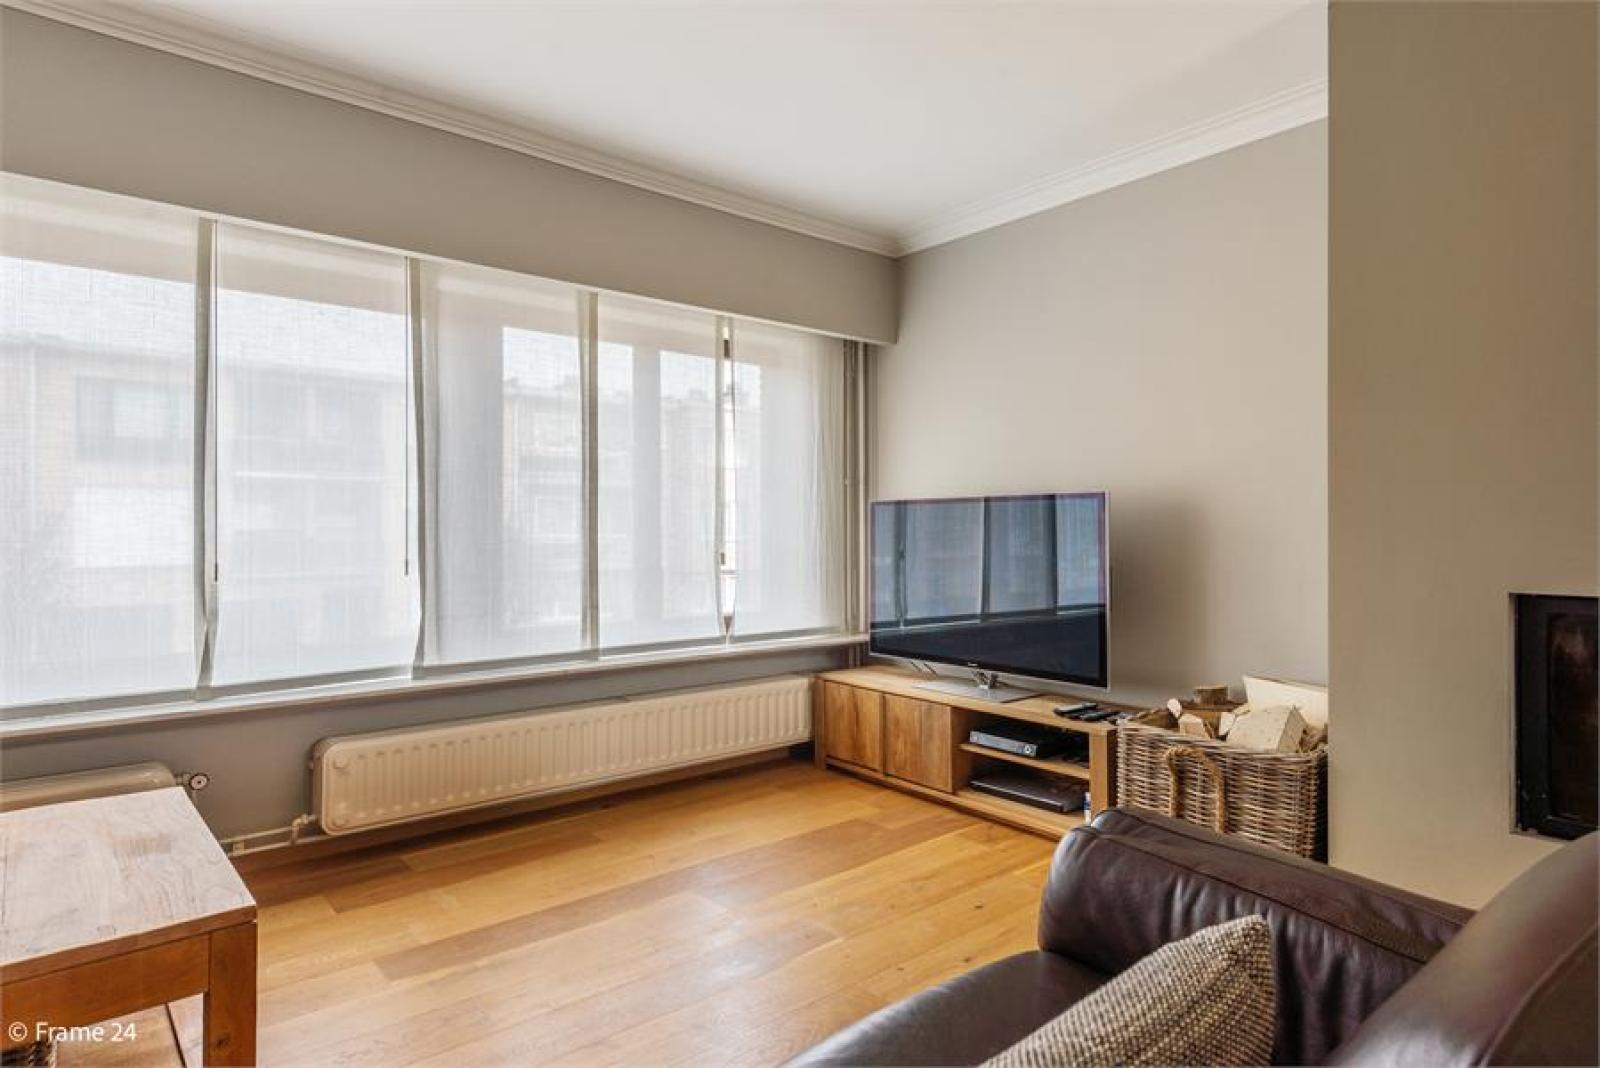 Verzorgde bel-étage met 3 slaapkamers, tuin en garage nabij centrum Wijnegem gelegen. afbeelding 6